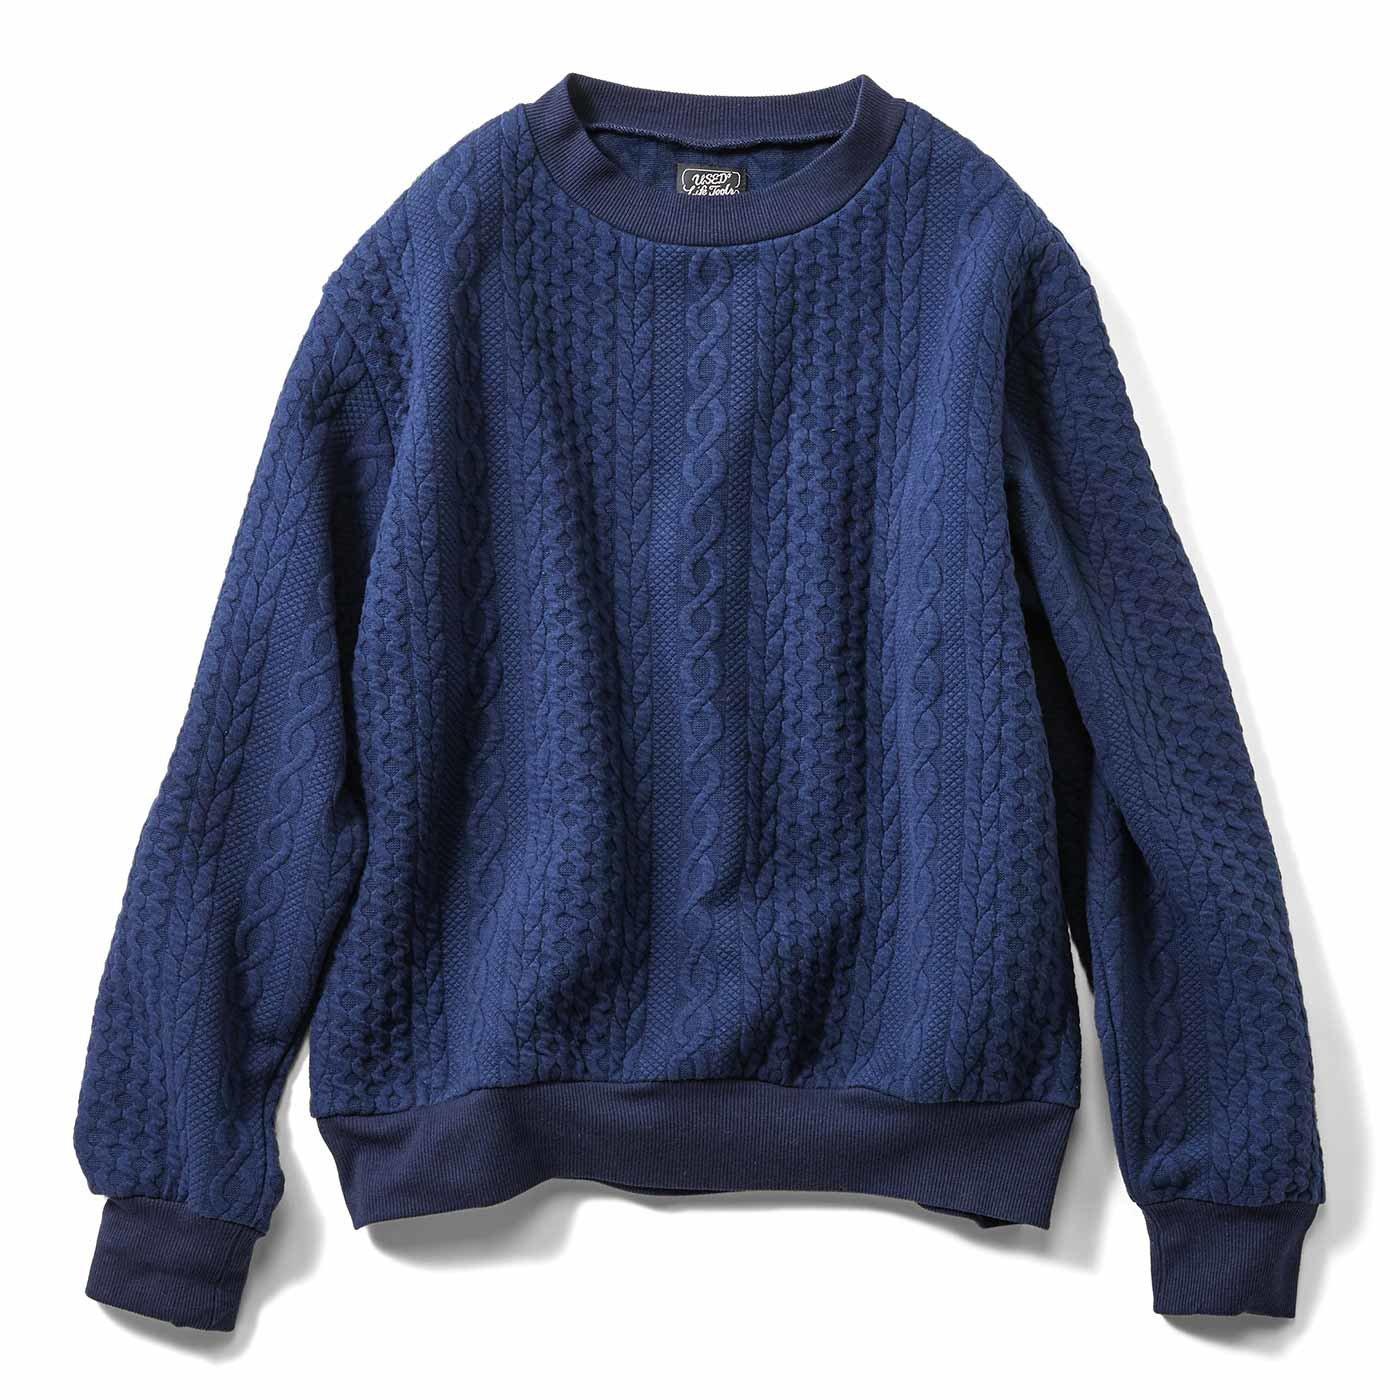 まるでセーターみたいなゆったりサイズの編み柄トレーナーの会